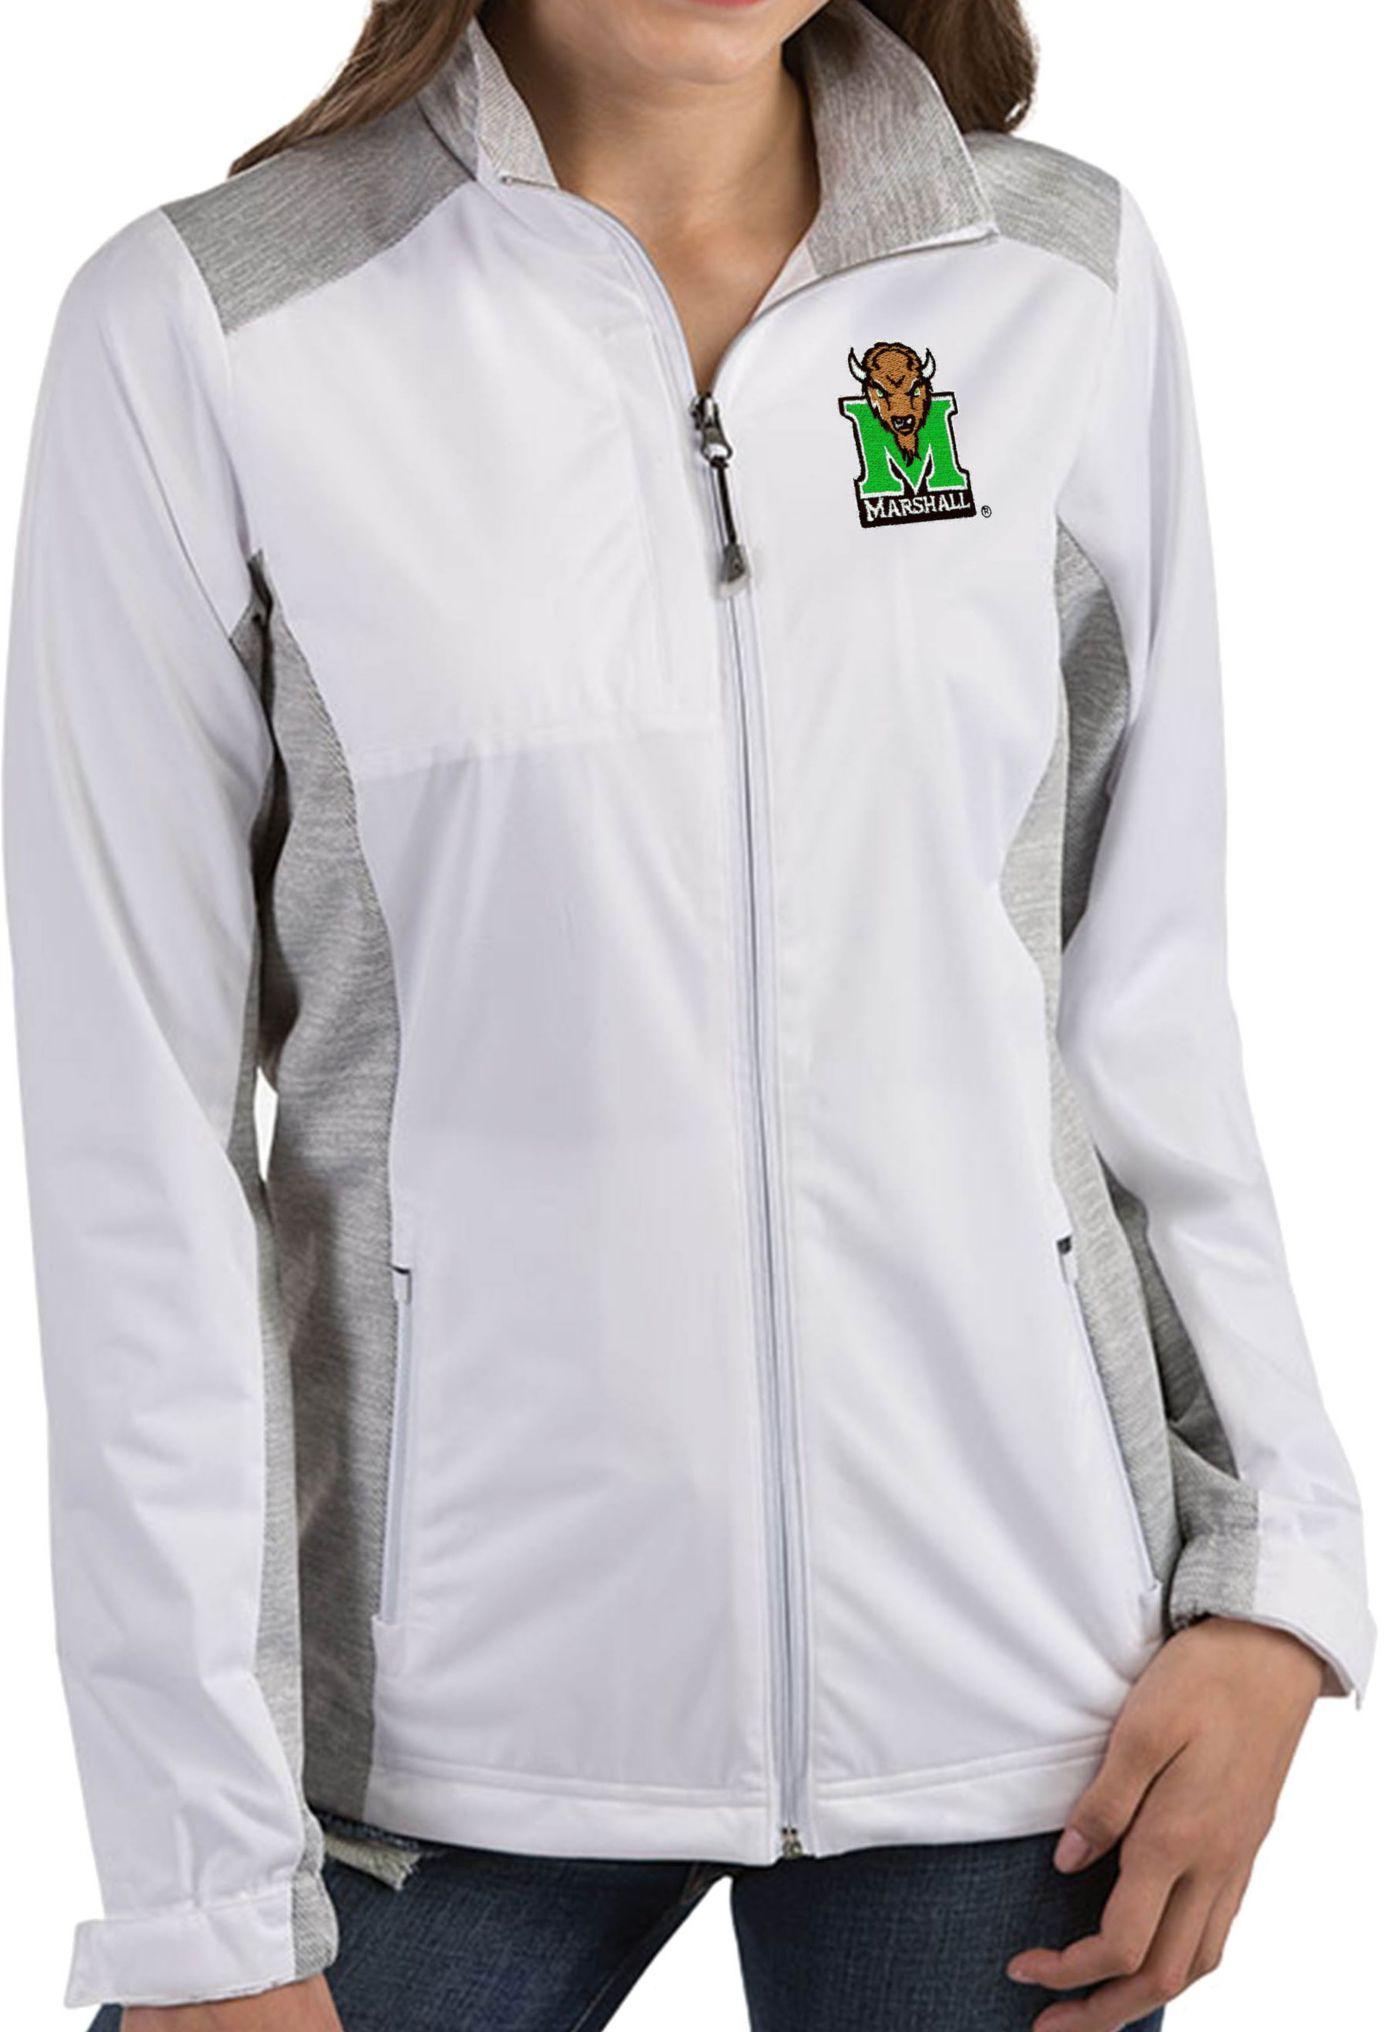 Antigua Women's Marshall Thundering Herd Revolve Full-Zip White Jacket